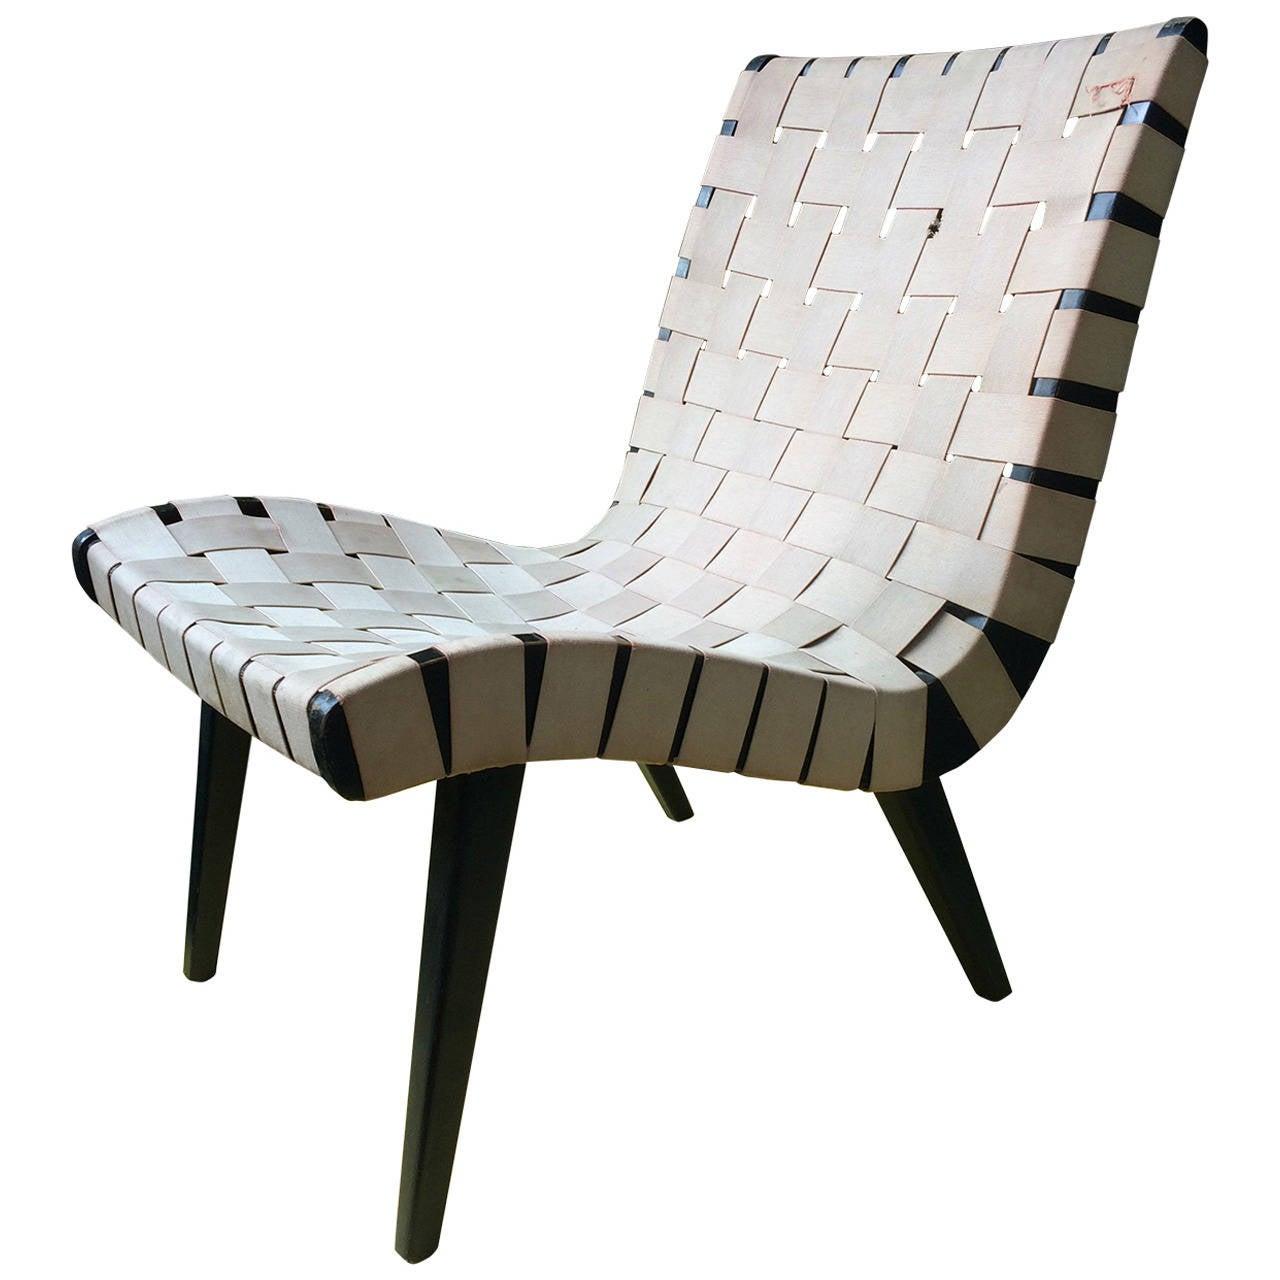 Jens Risom Chair Model 654w Knoll 1941 At 1stdibs